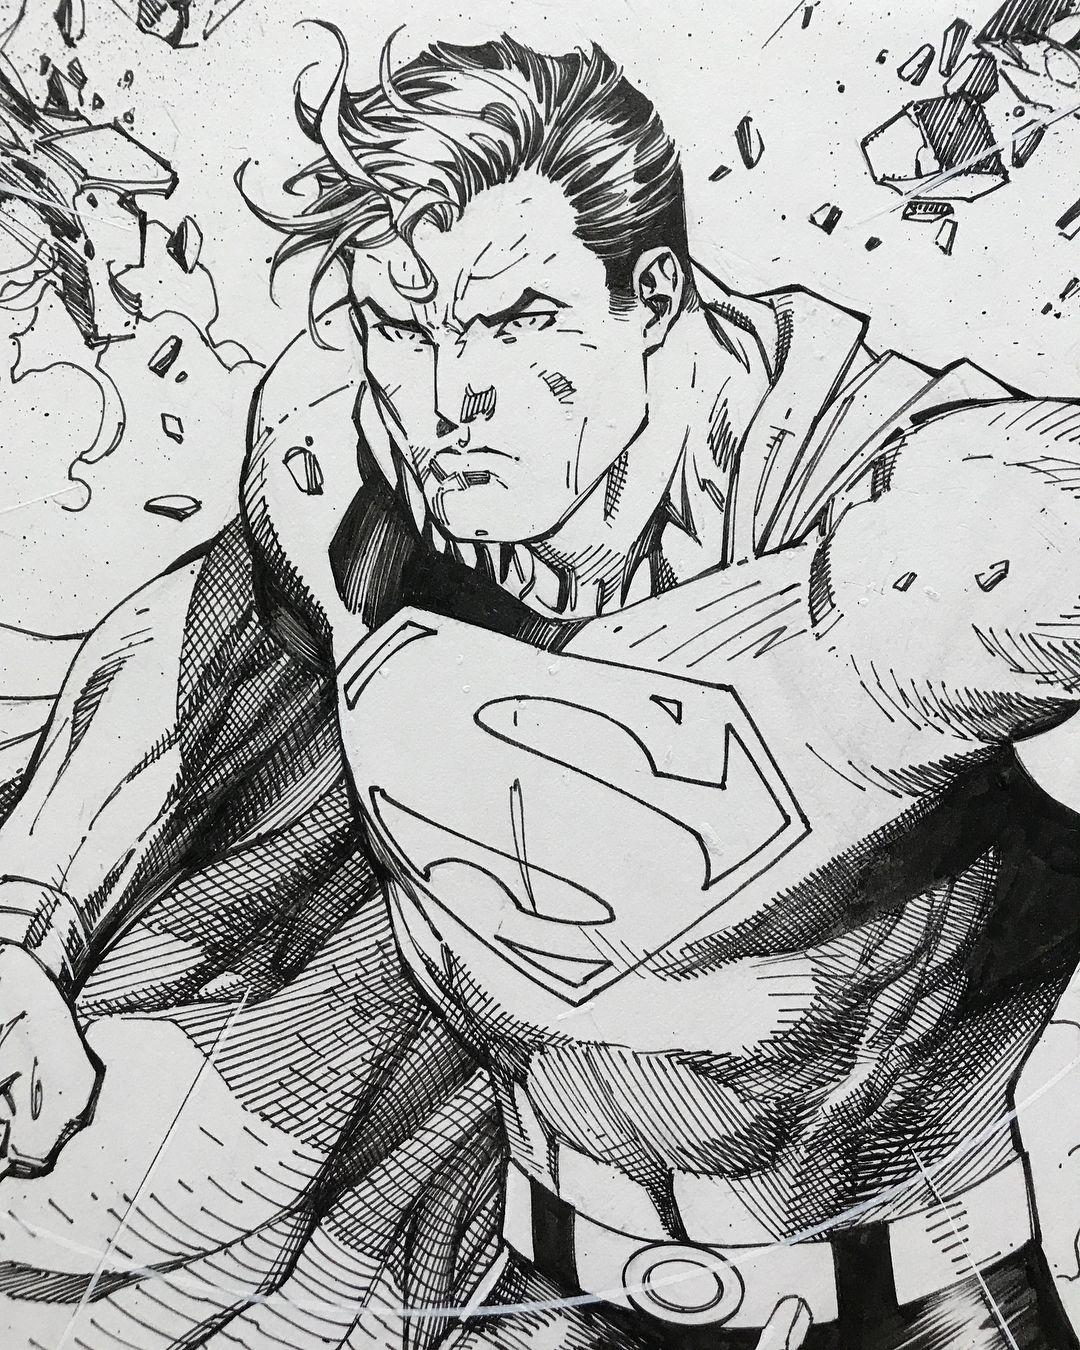 Sketch Justice League Sketch Superman Drawing – Superman digital wallpaper, batman v superman: